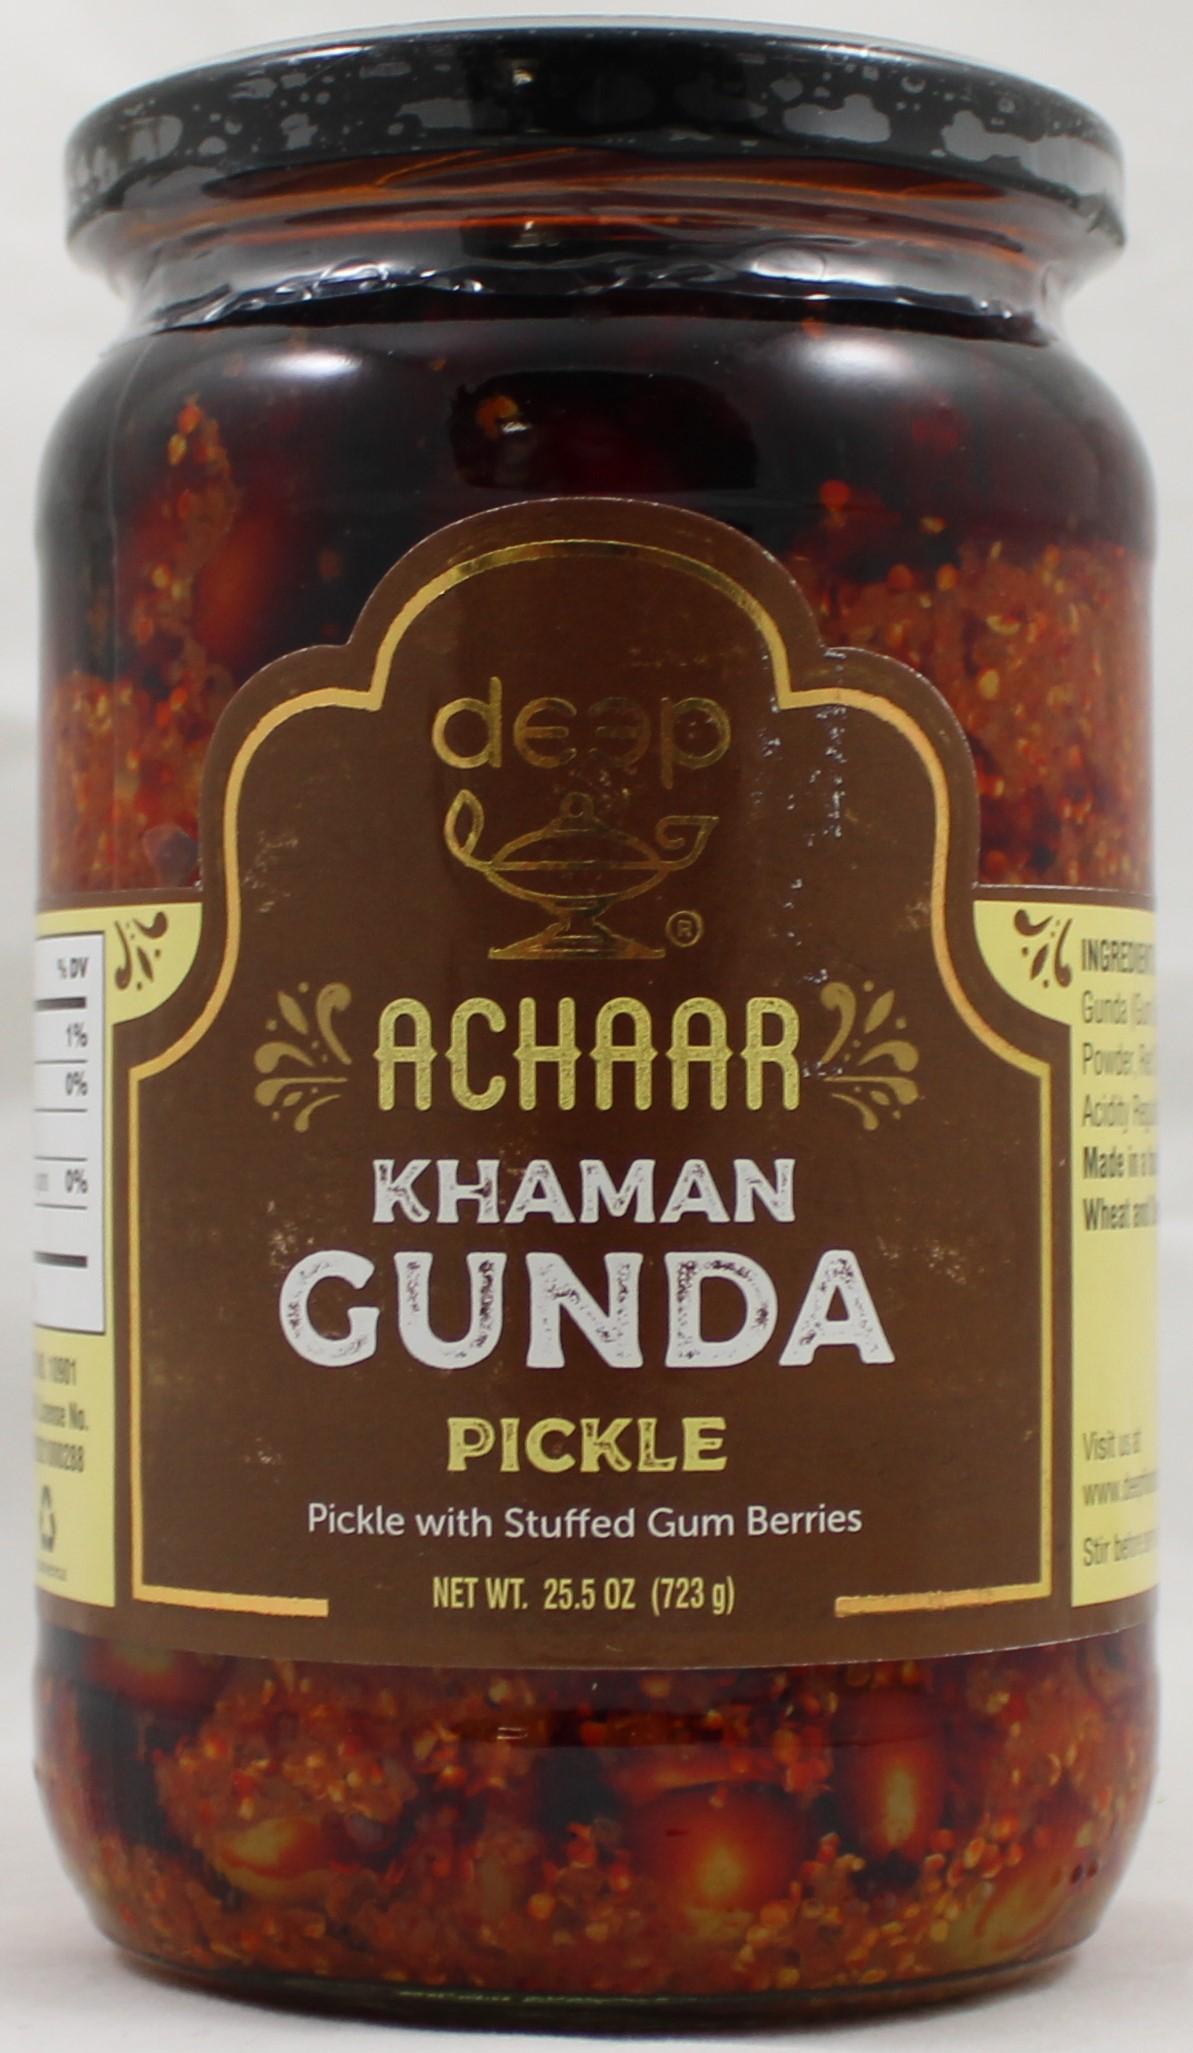 Khaman Gunda Pickle 25.5oz